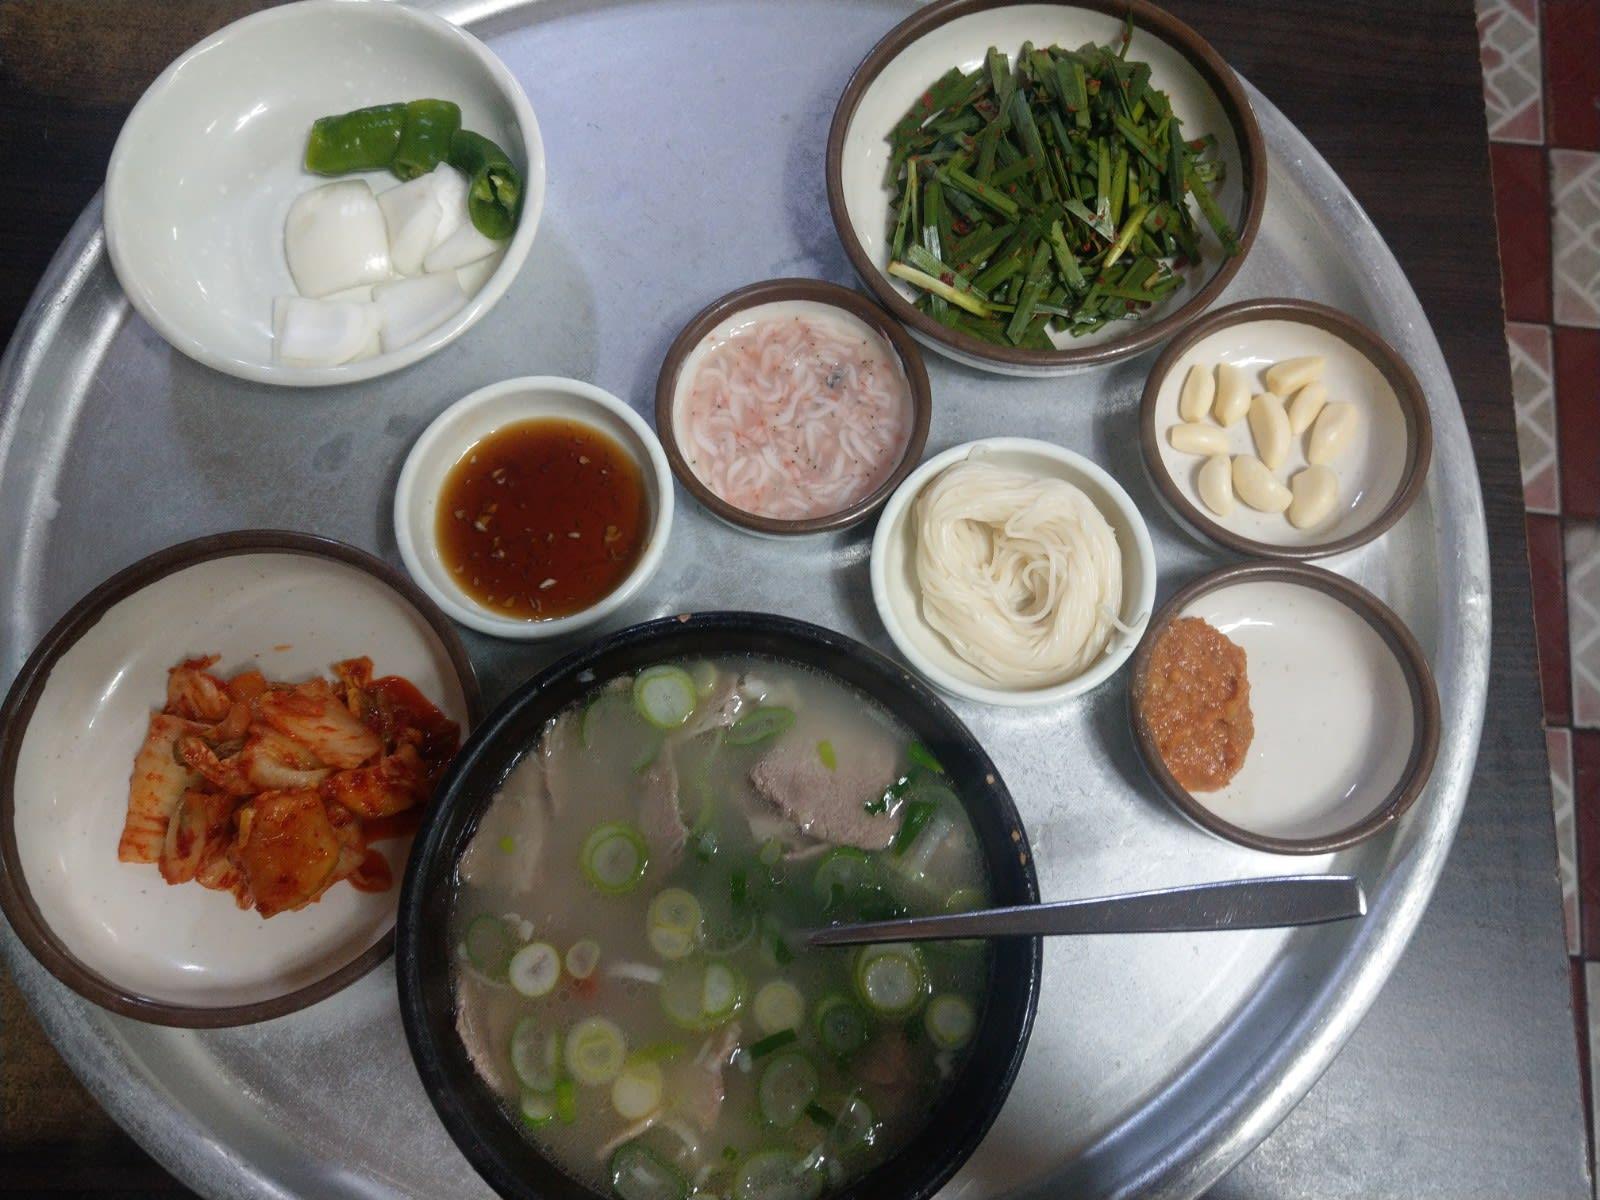 松亭3代湯飯豬肉湯飯|圖片來源:Vanessa